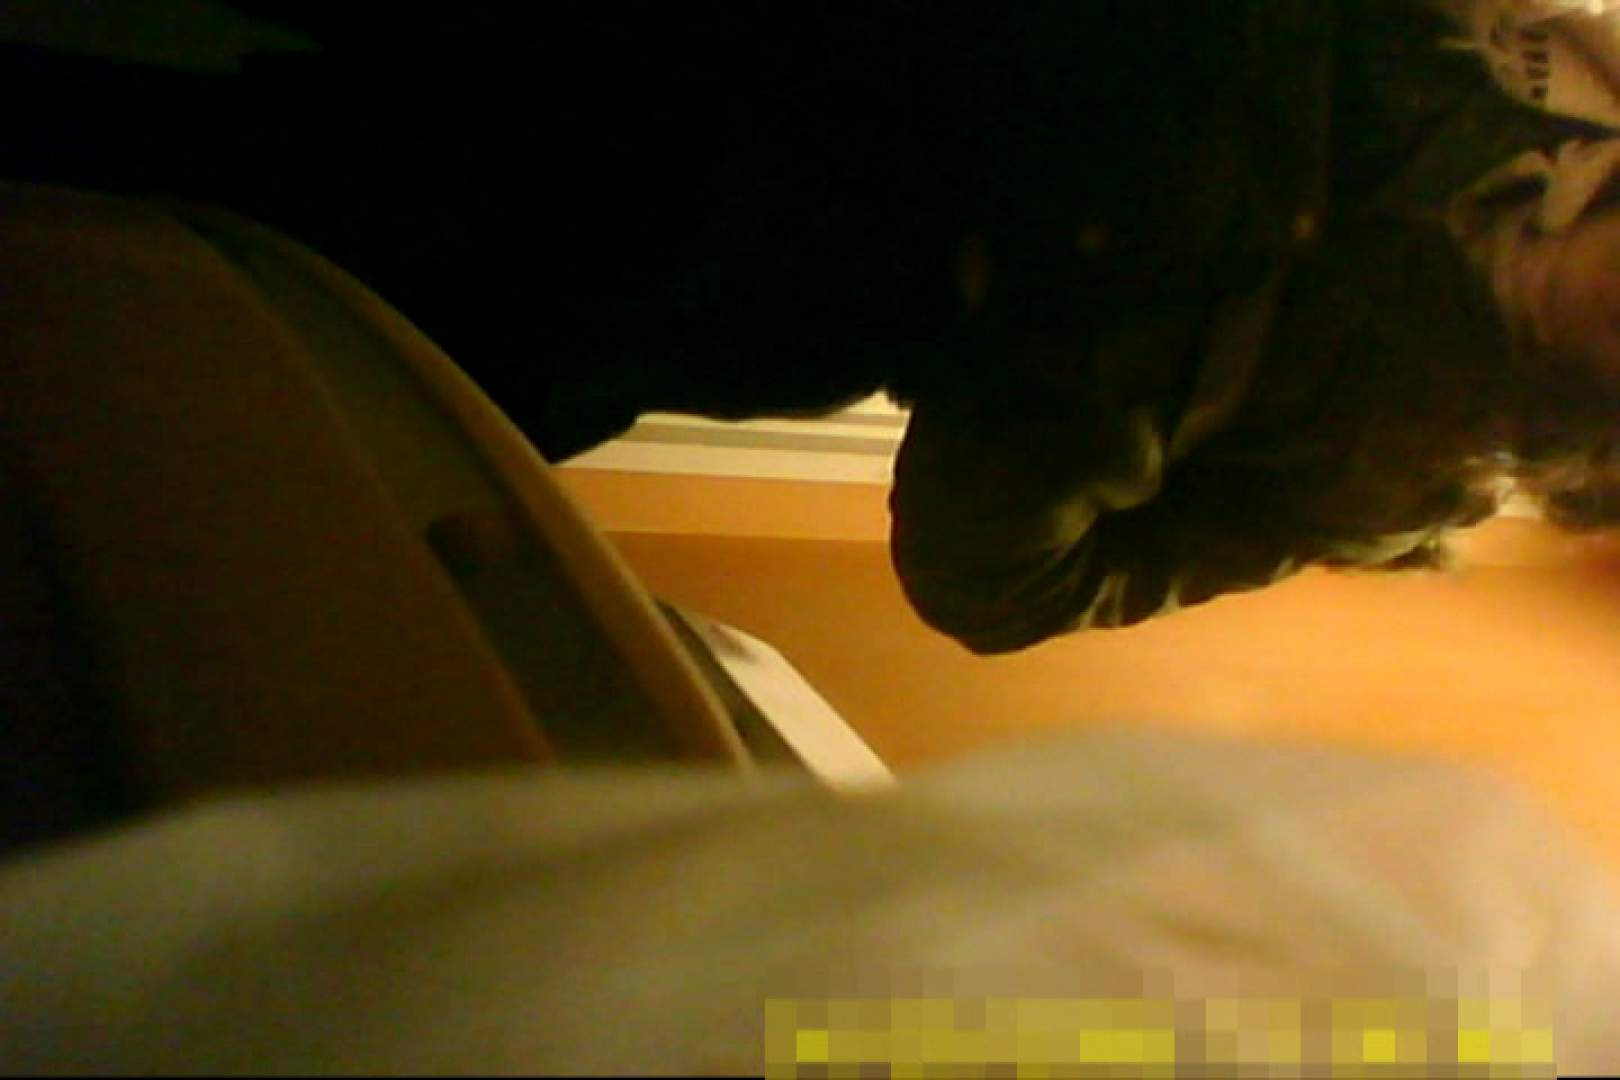 魅惑の化粧室~禁断のプライベート空間~vol.10 盗撮師作品 エロ無料画像 102pic 29